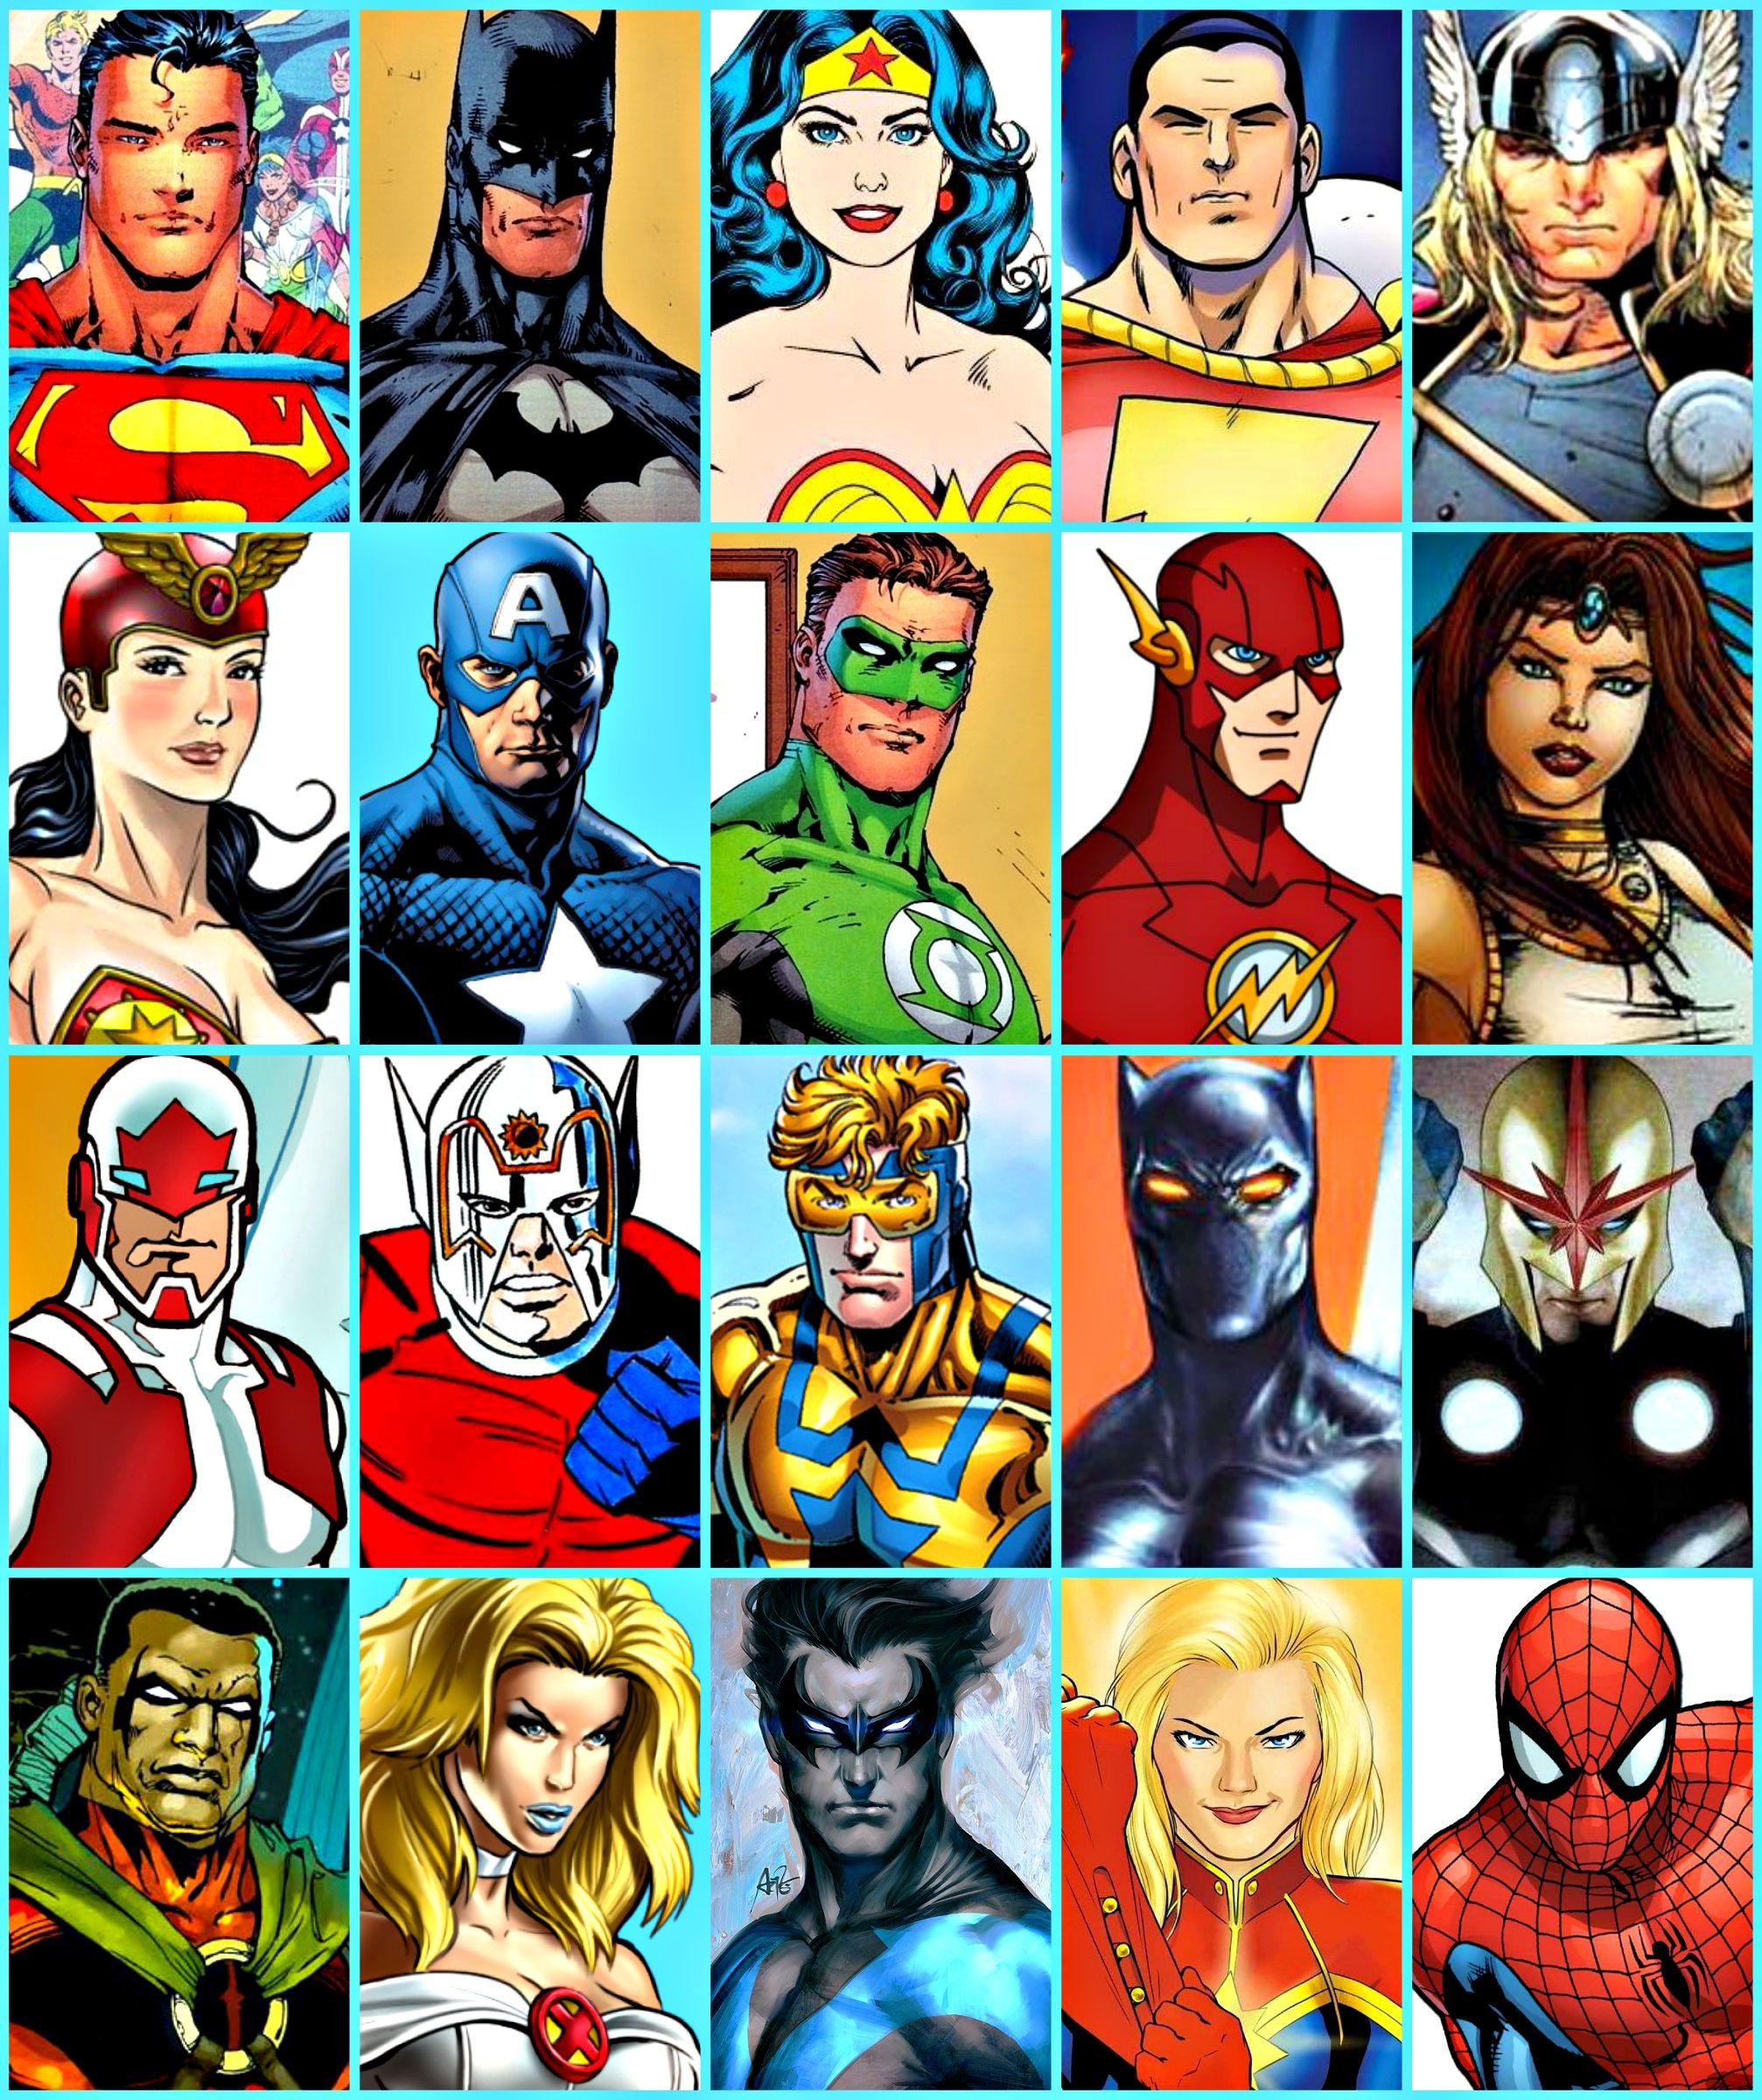 My Favorite Superheroes